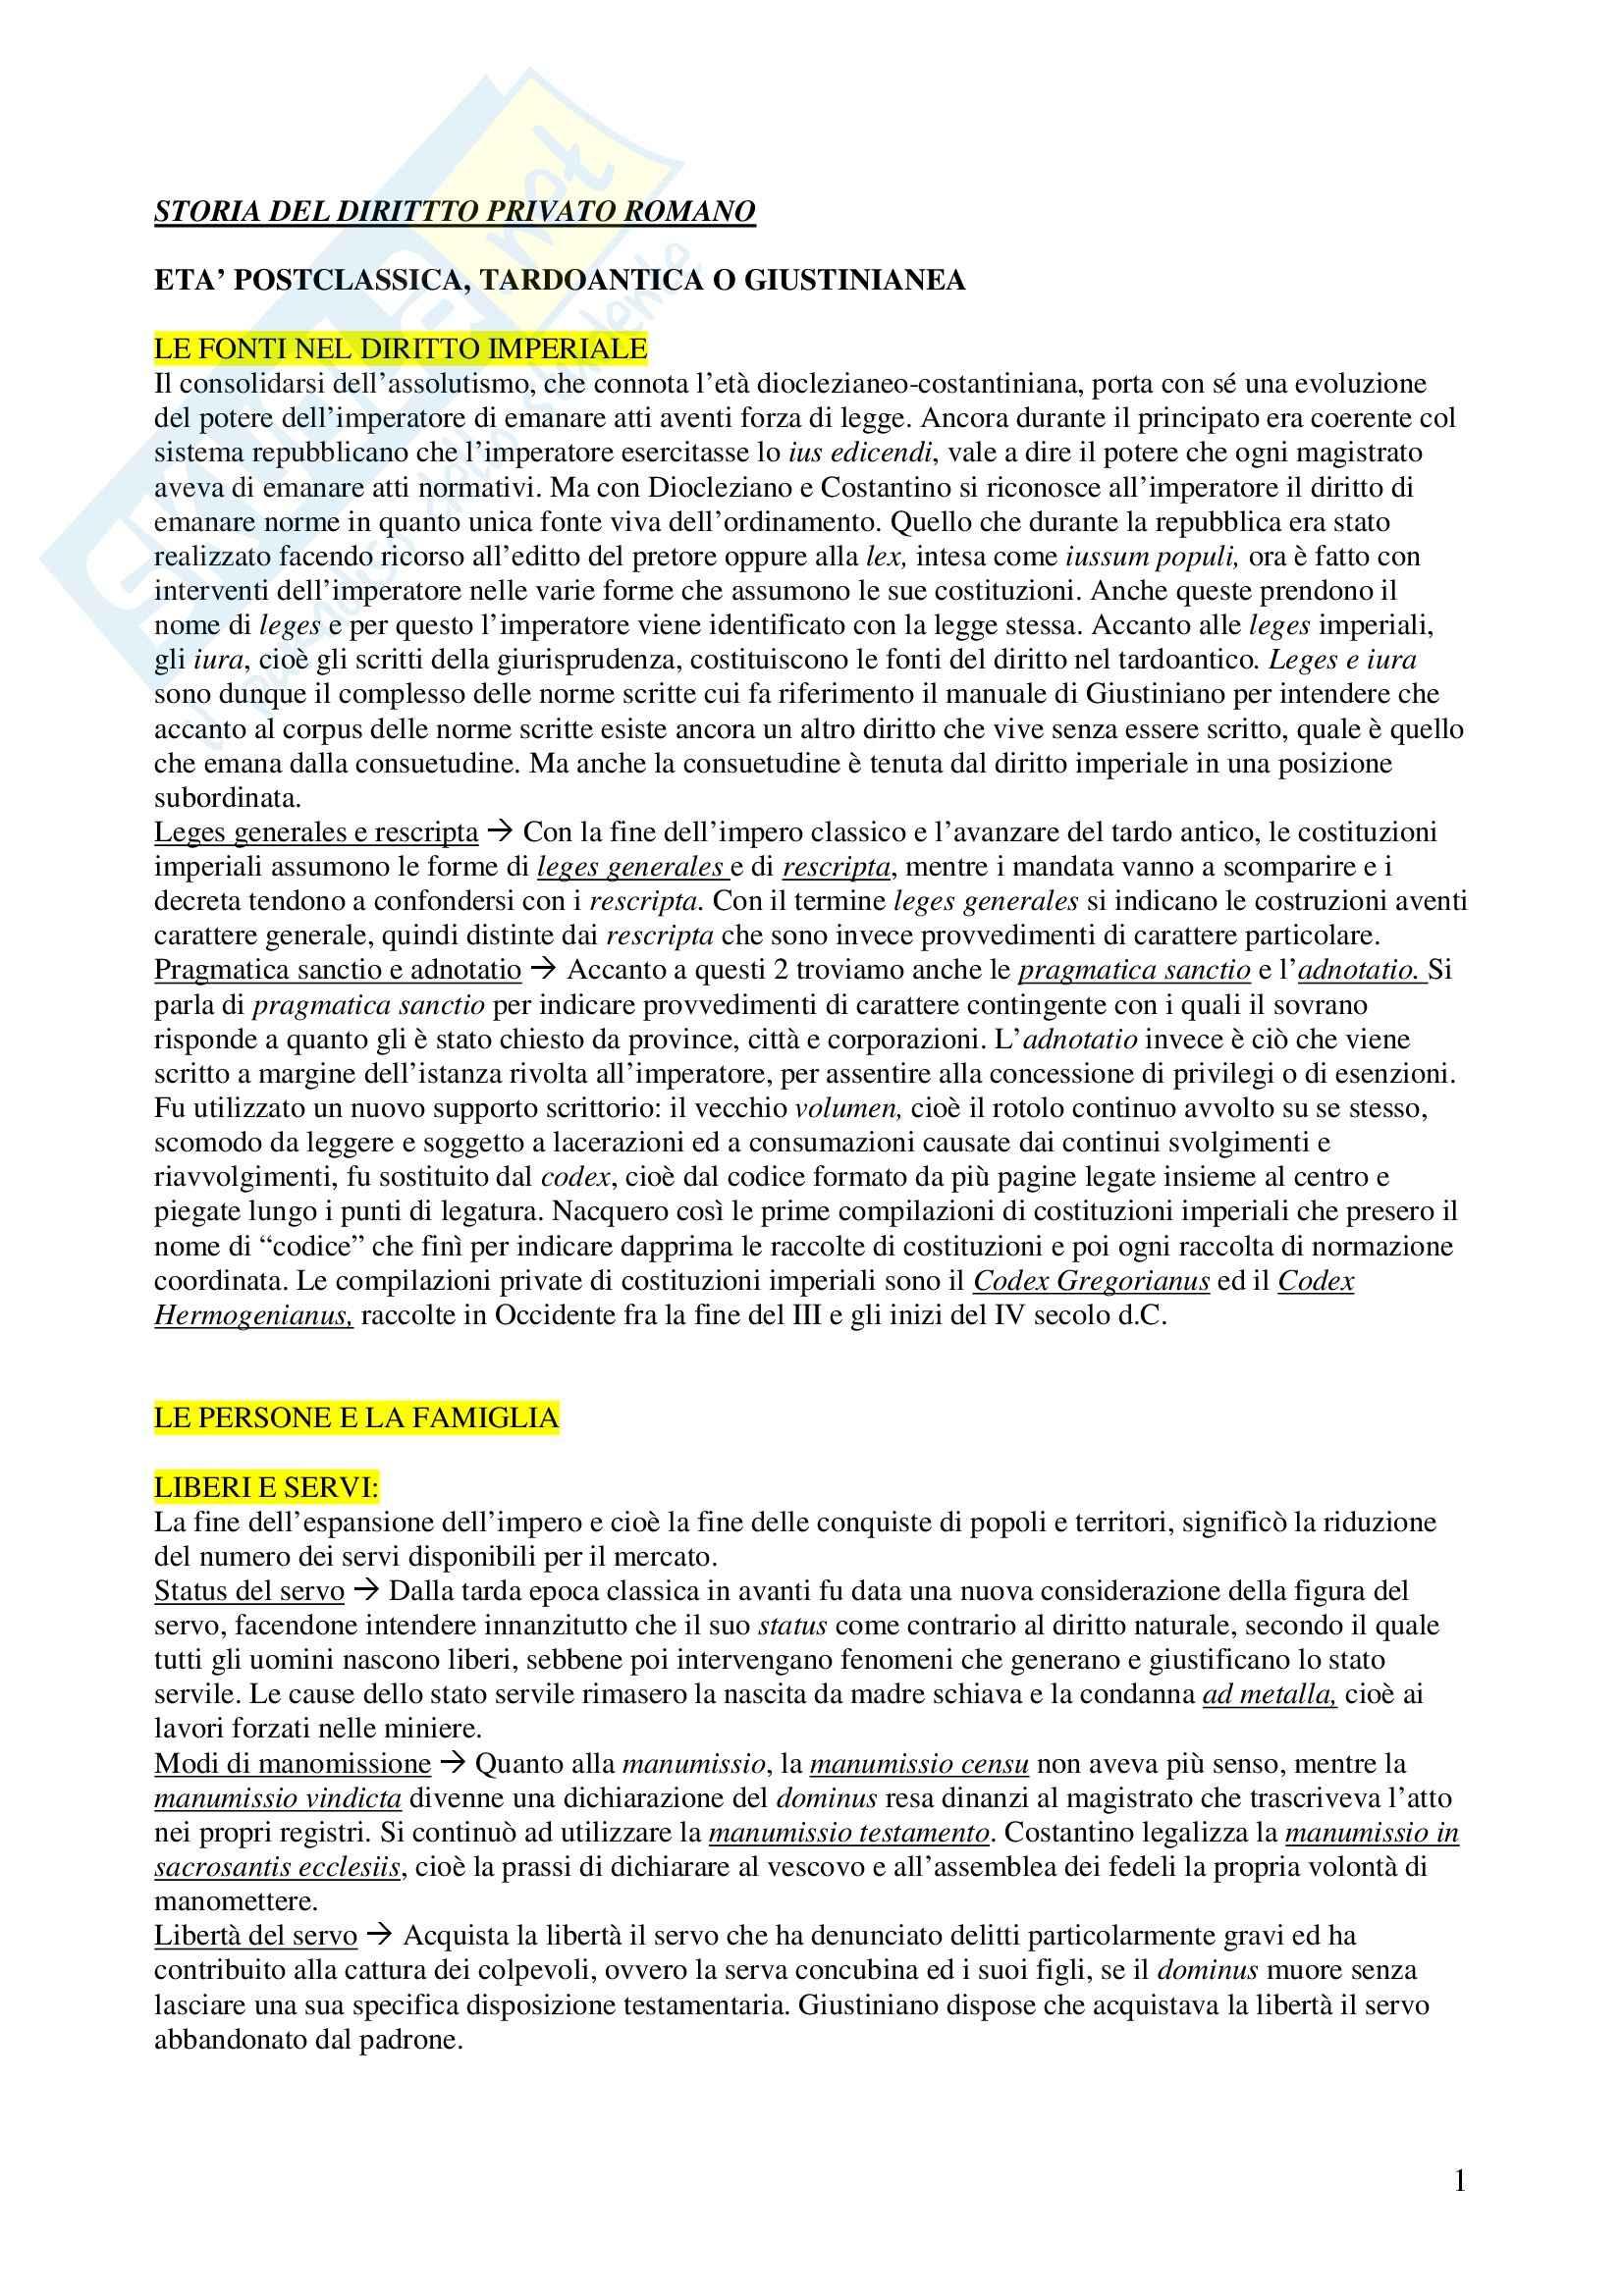 Storia del diritto privato romano - Appunti